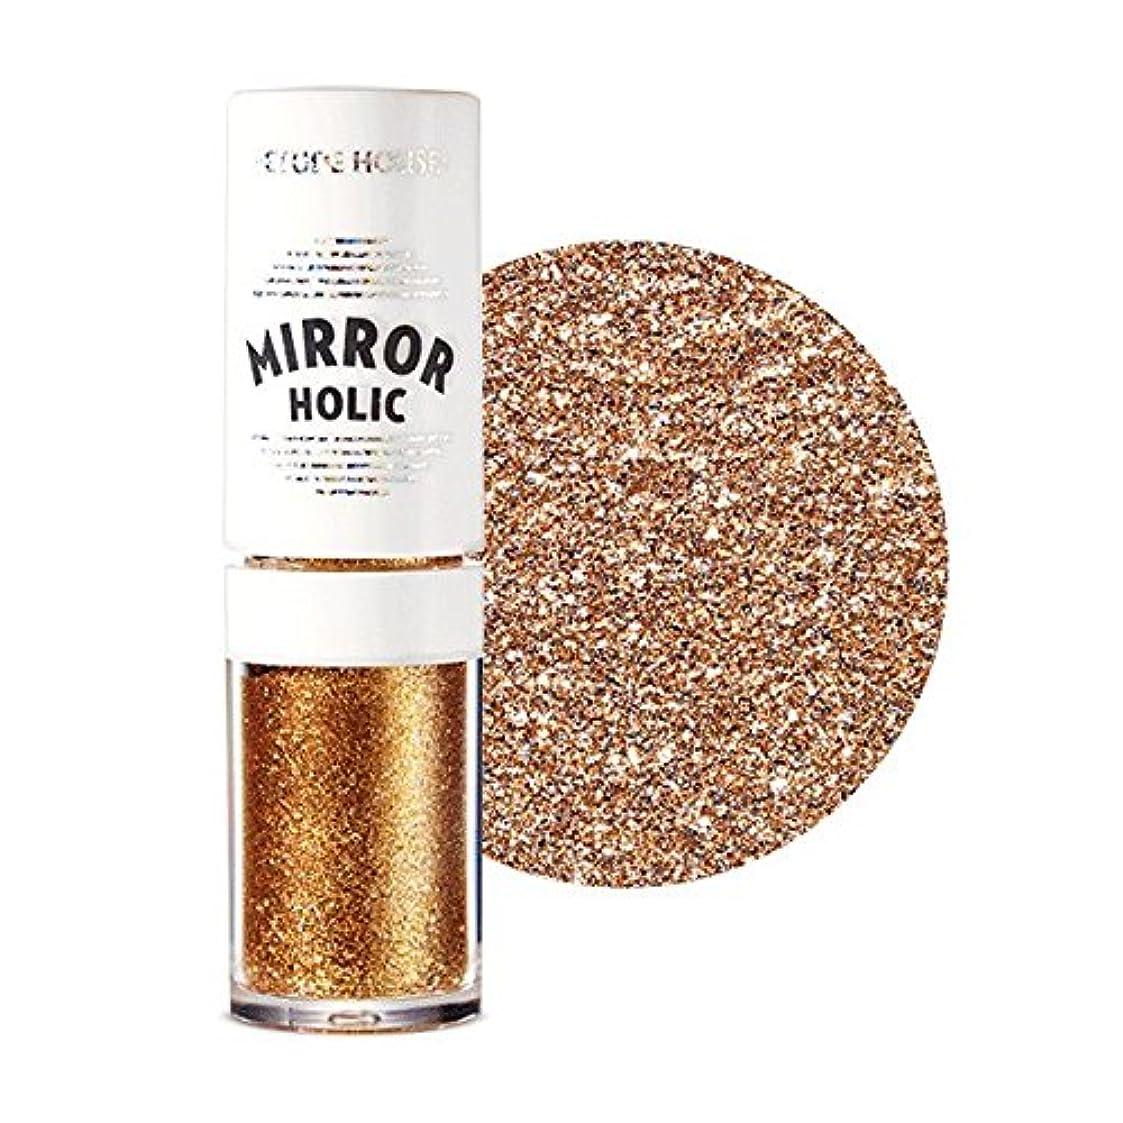 甘美な配置路面電車ETUDE HOUSE Mirror Holic Liquid Eyes / エチュードハウス ミラーホリックリキッドアイズ ミラーホリックリキッドアイズ (BE102) [並行輸入品]